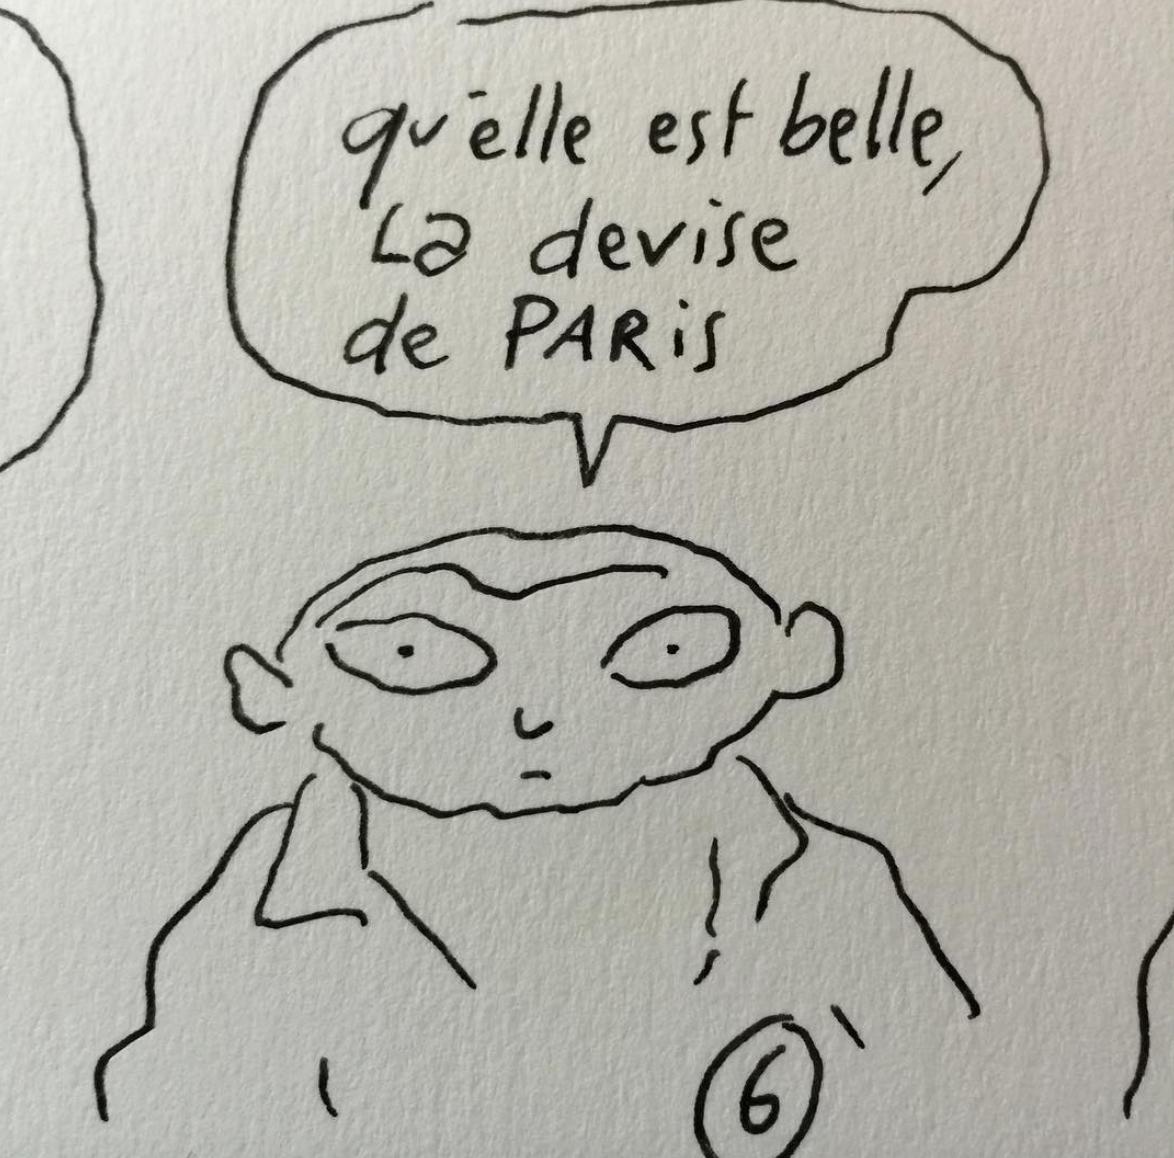 Wat is die mooi, de motto van Parijs.